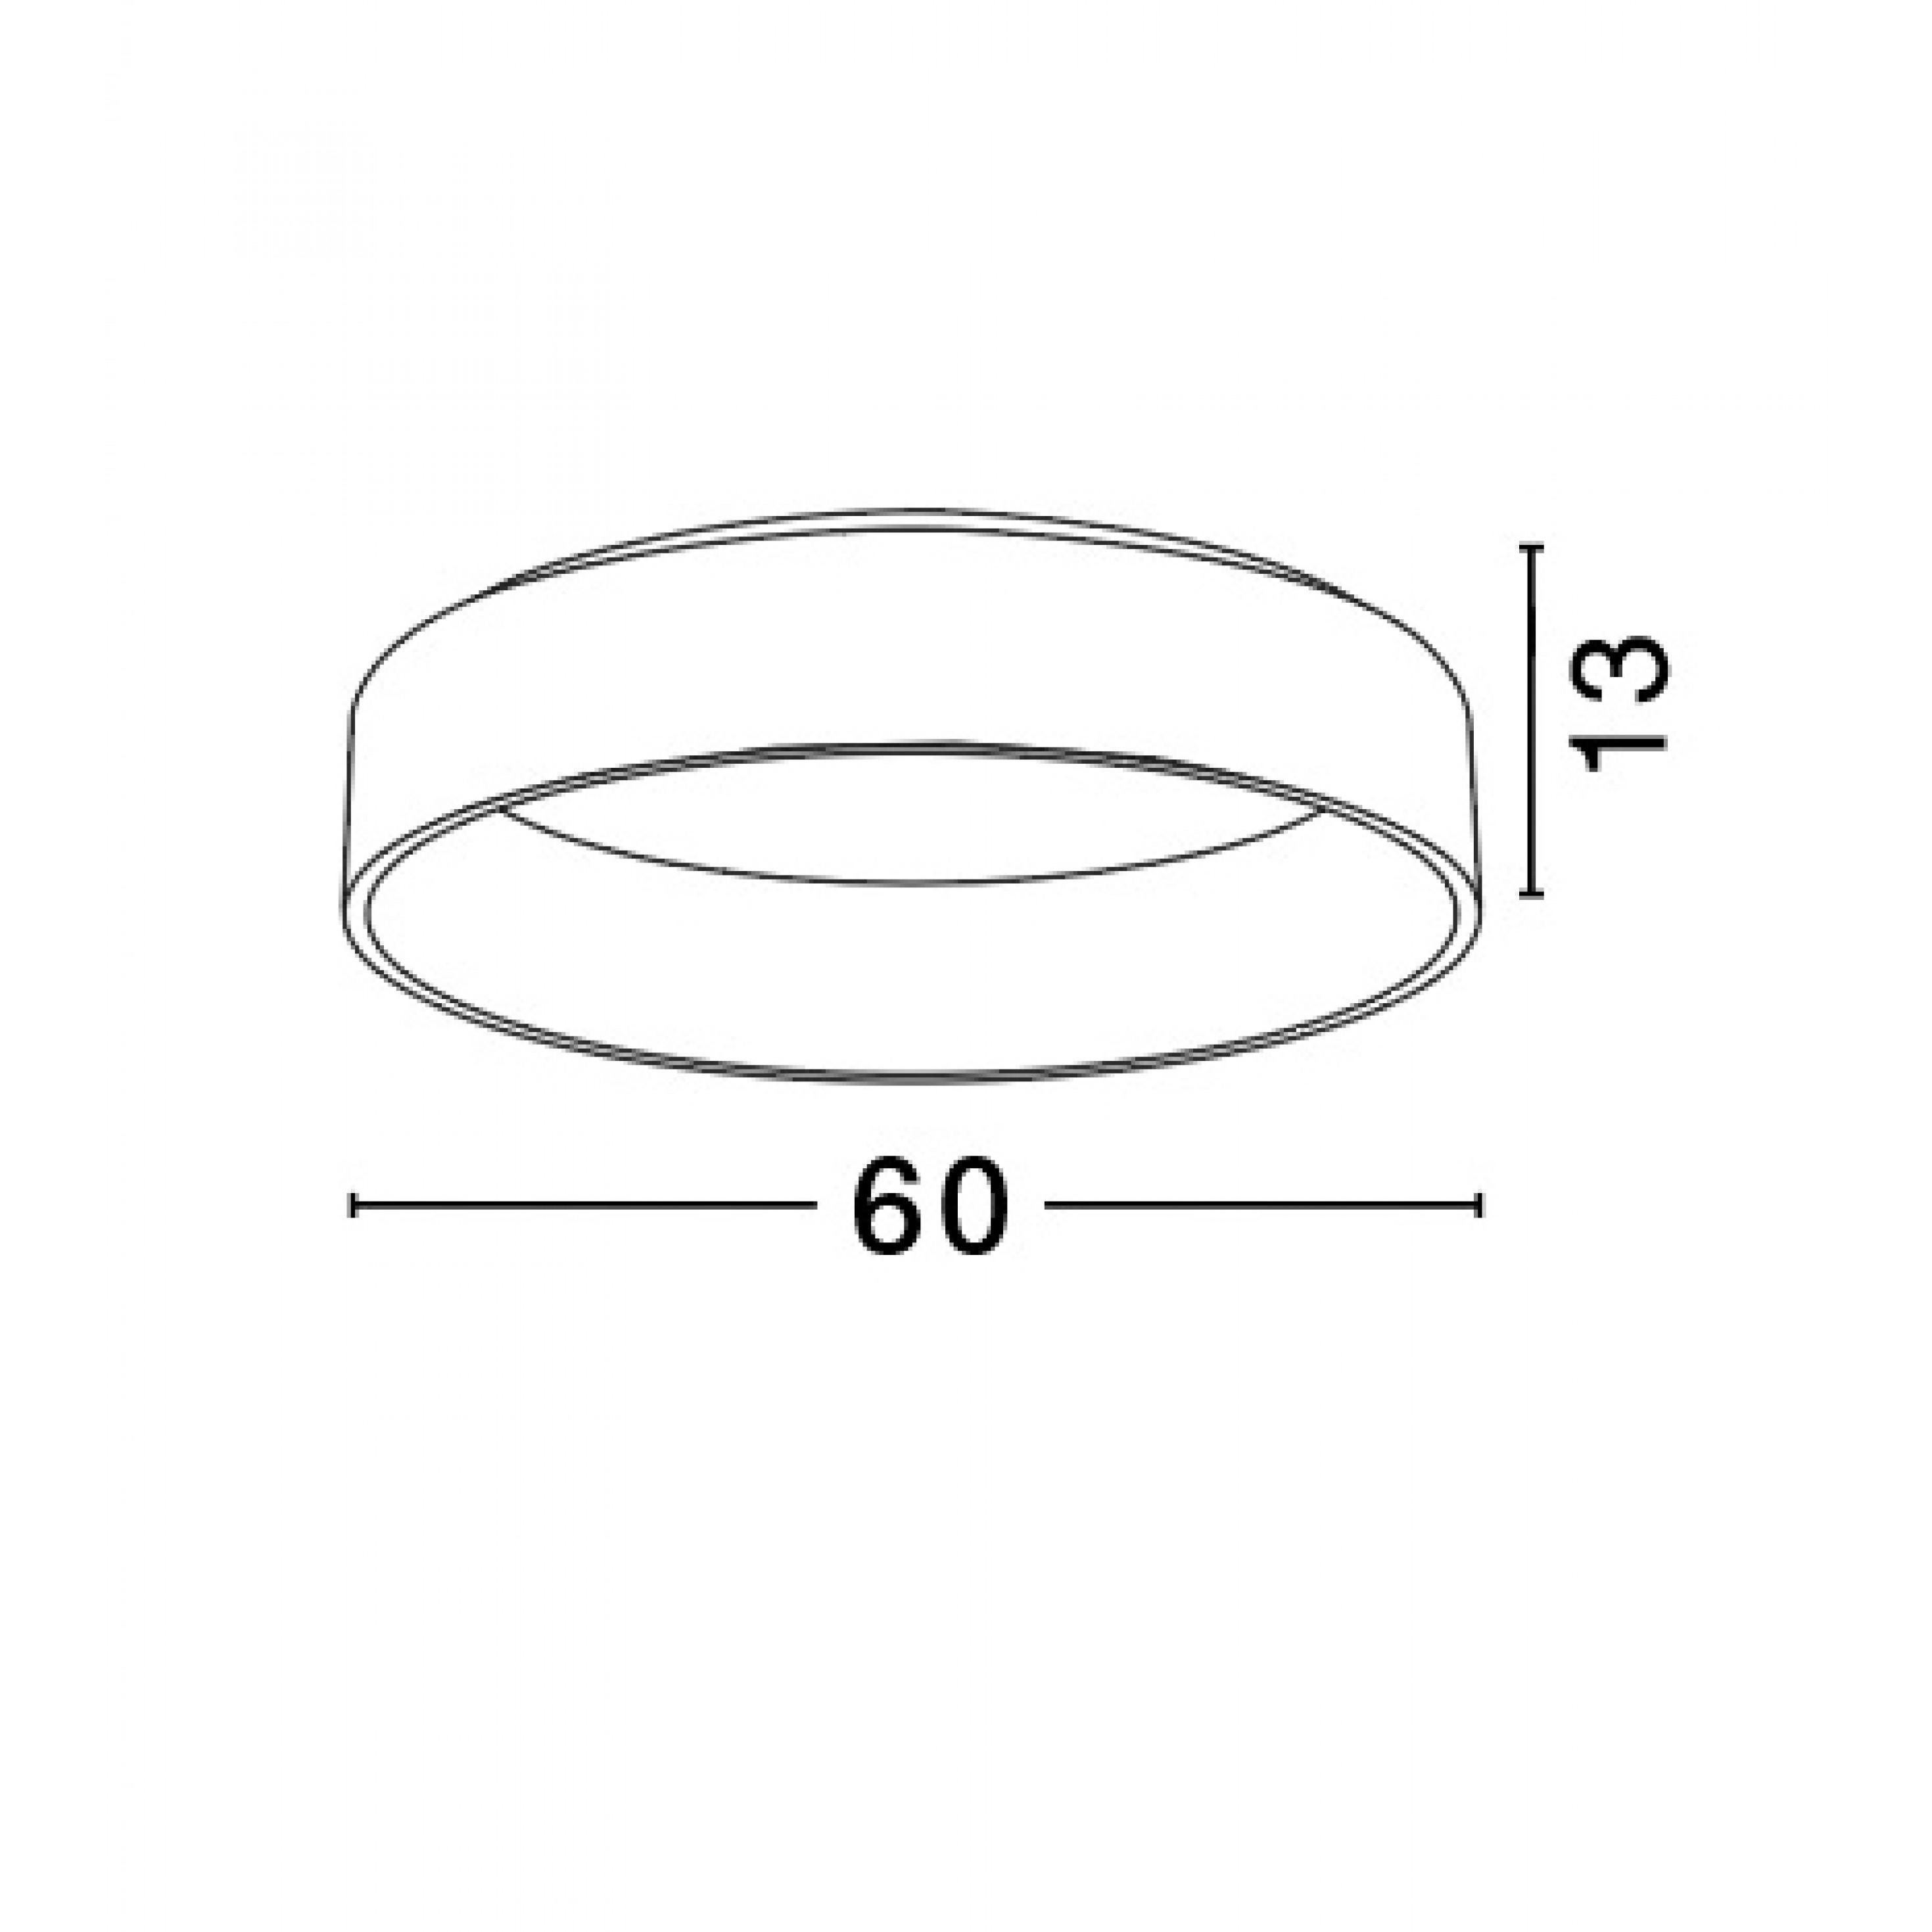 Deckenleuchte Rando 60 x 13 cm   Weiß